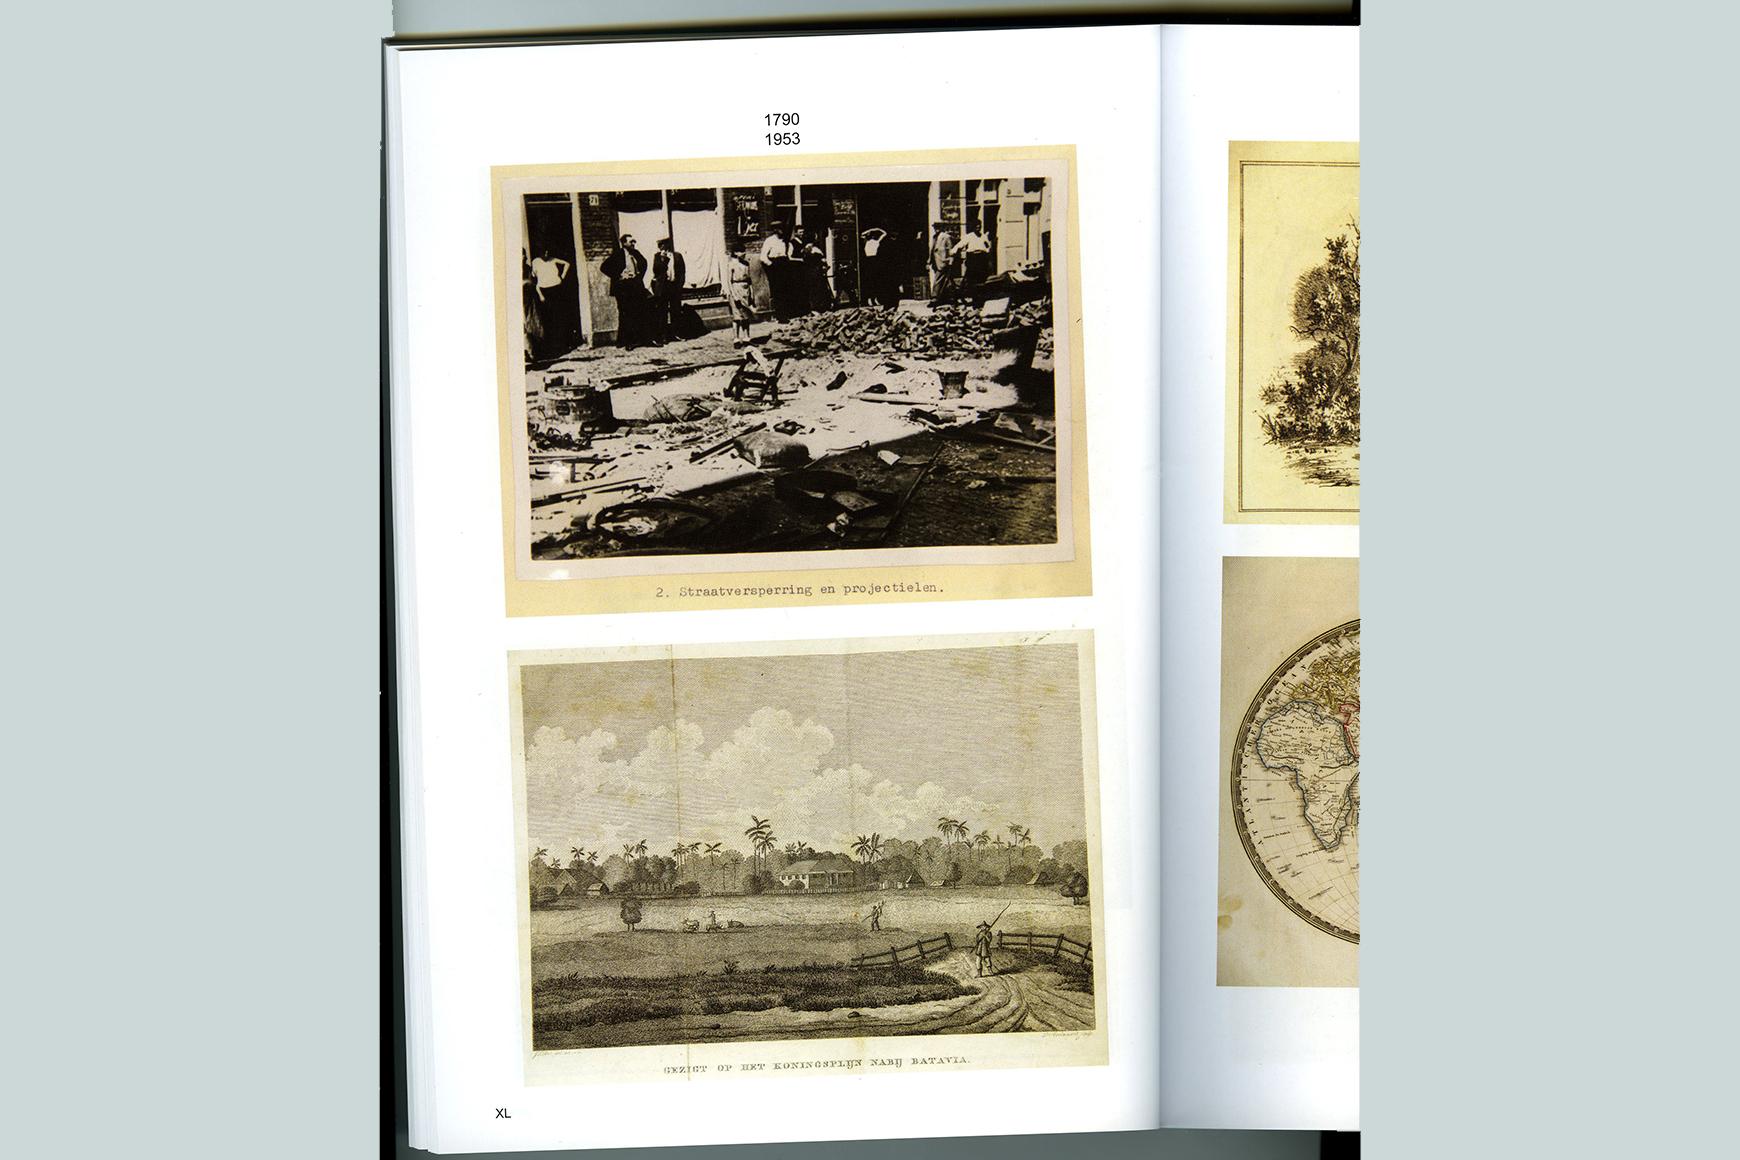 Pagina uit veilingcatalogus Bubb Kuyper, boven een politiefoto van de Jordaanoproer, Amsterdam 1934